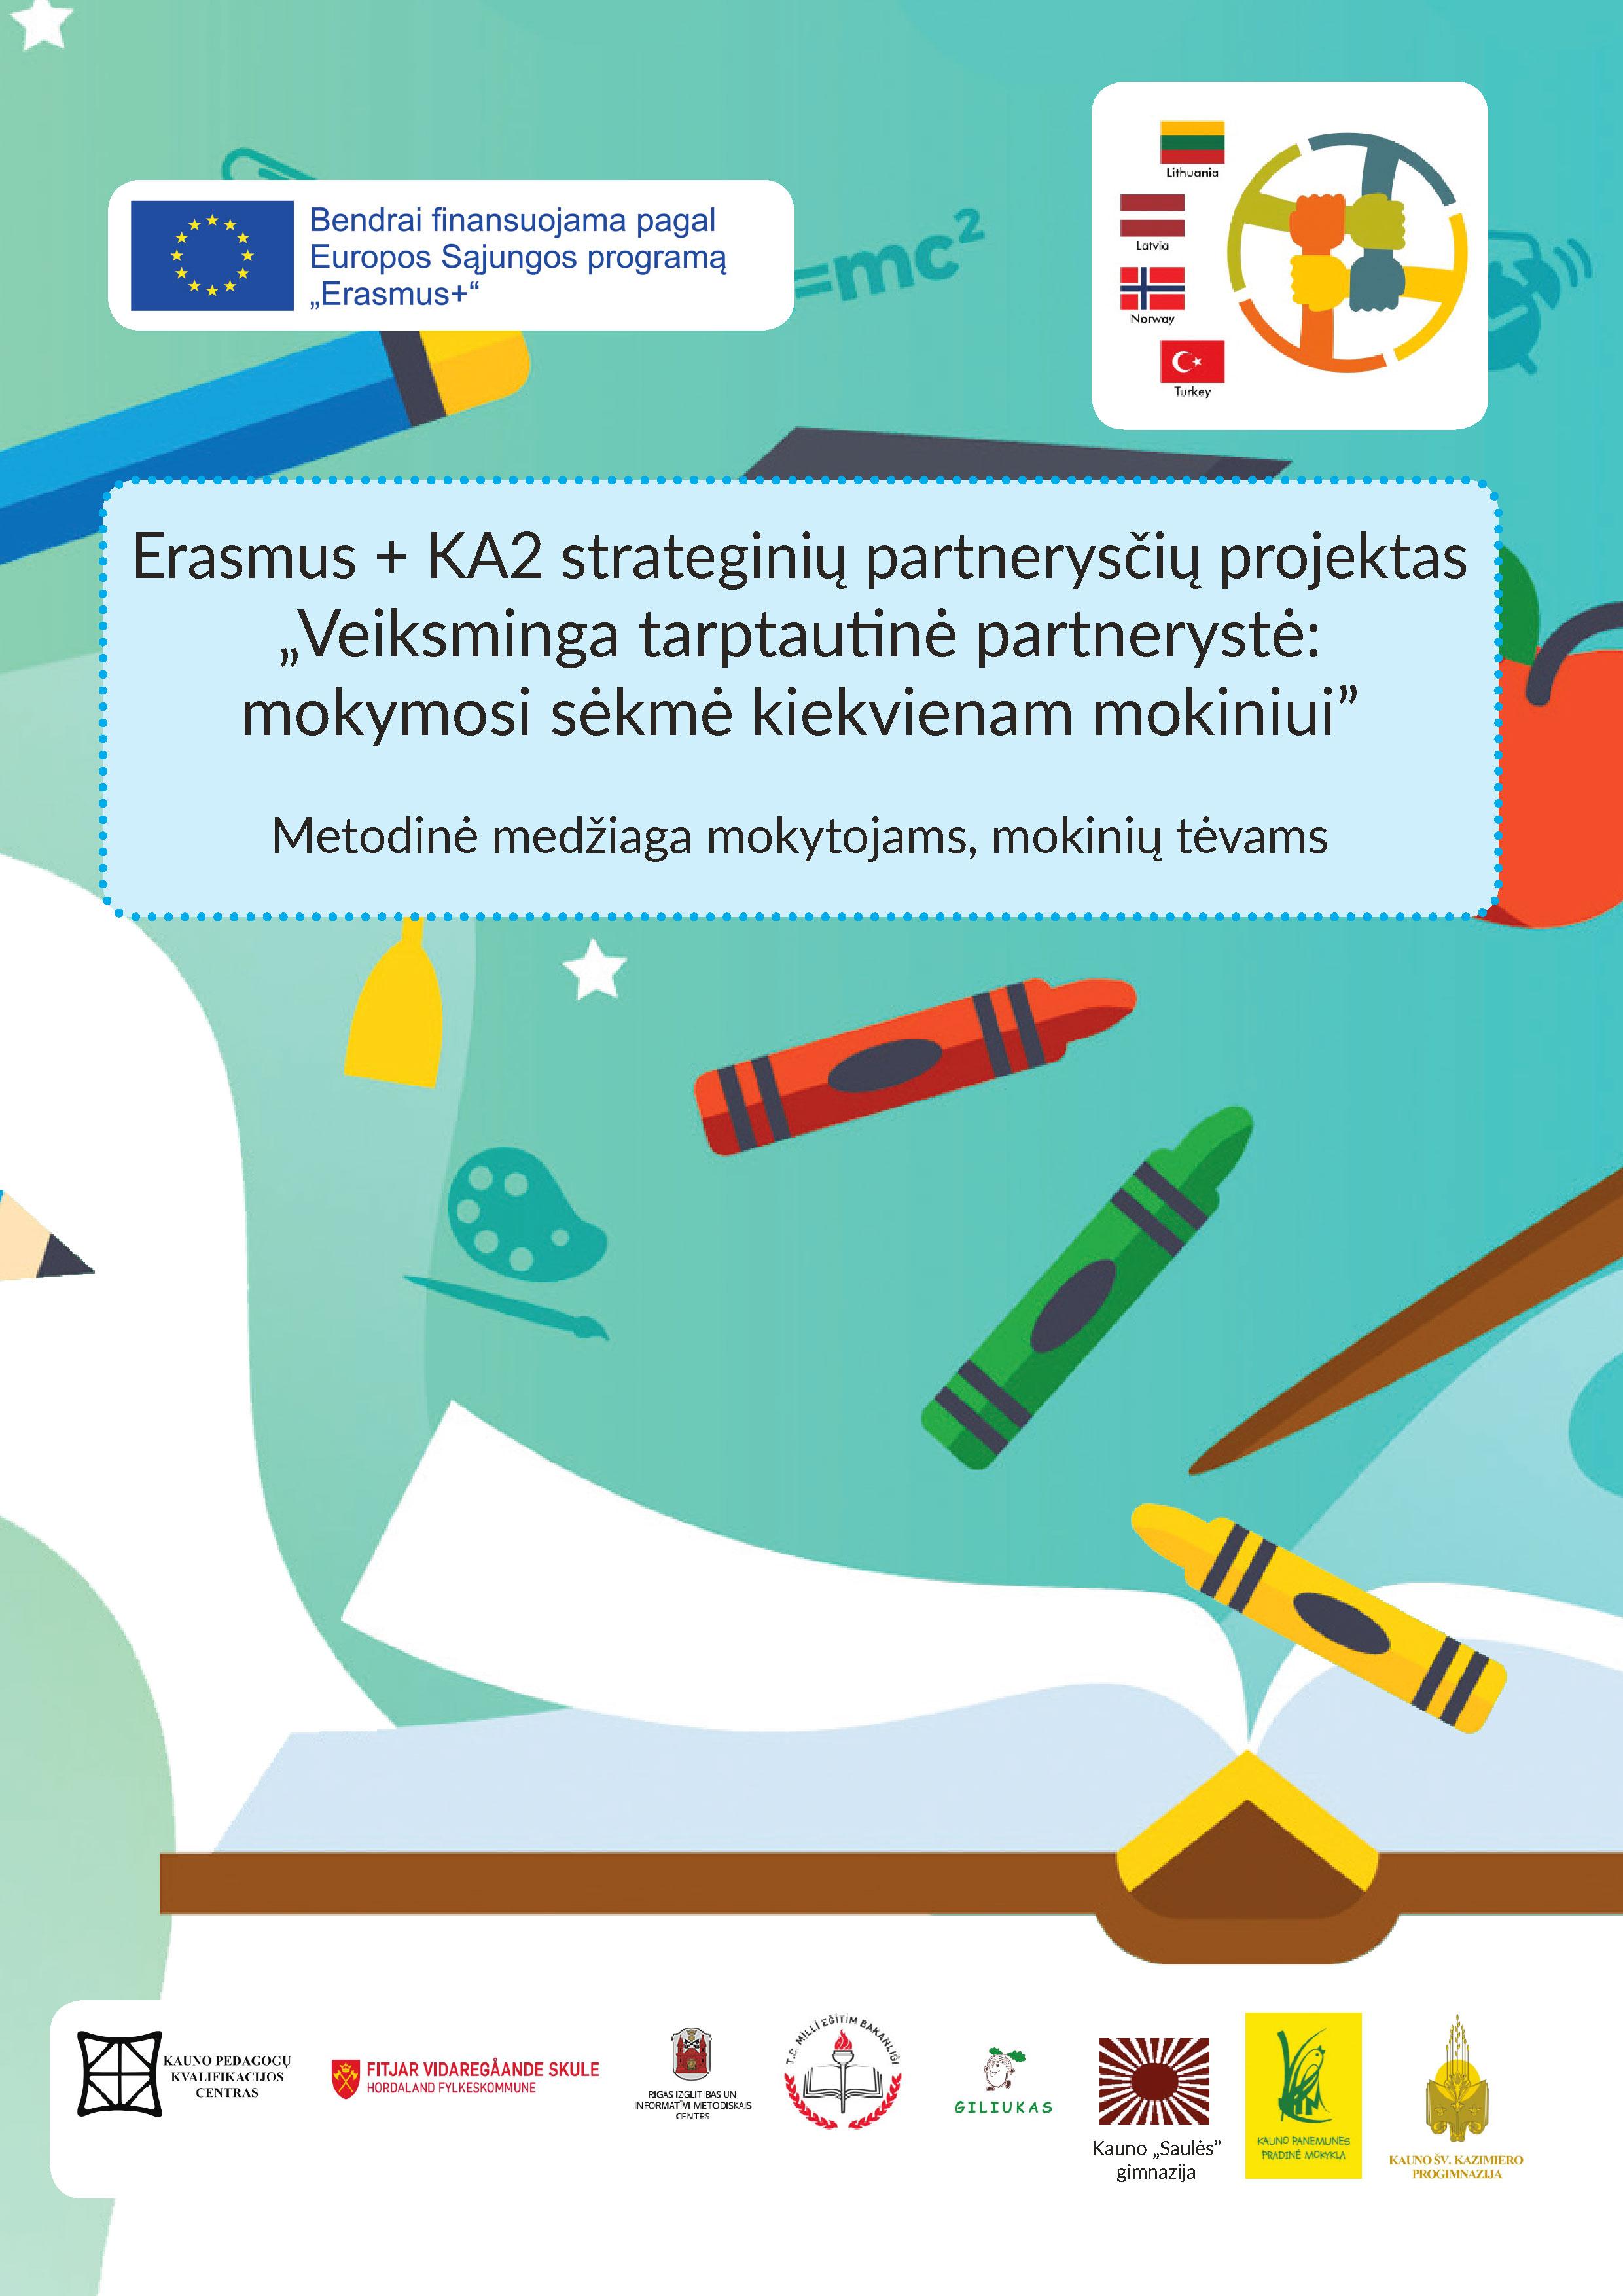 Erasmus KA2 Strategini Partnerys I Projektas Veiksminga